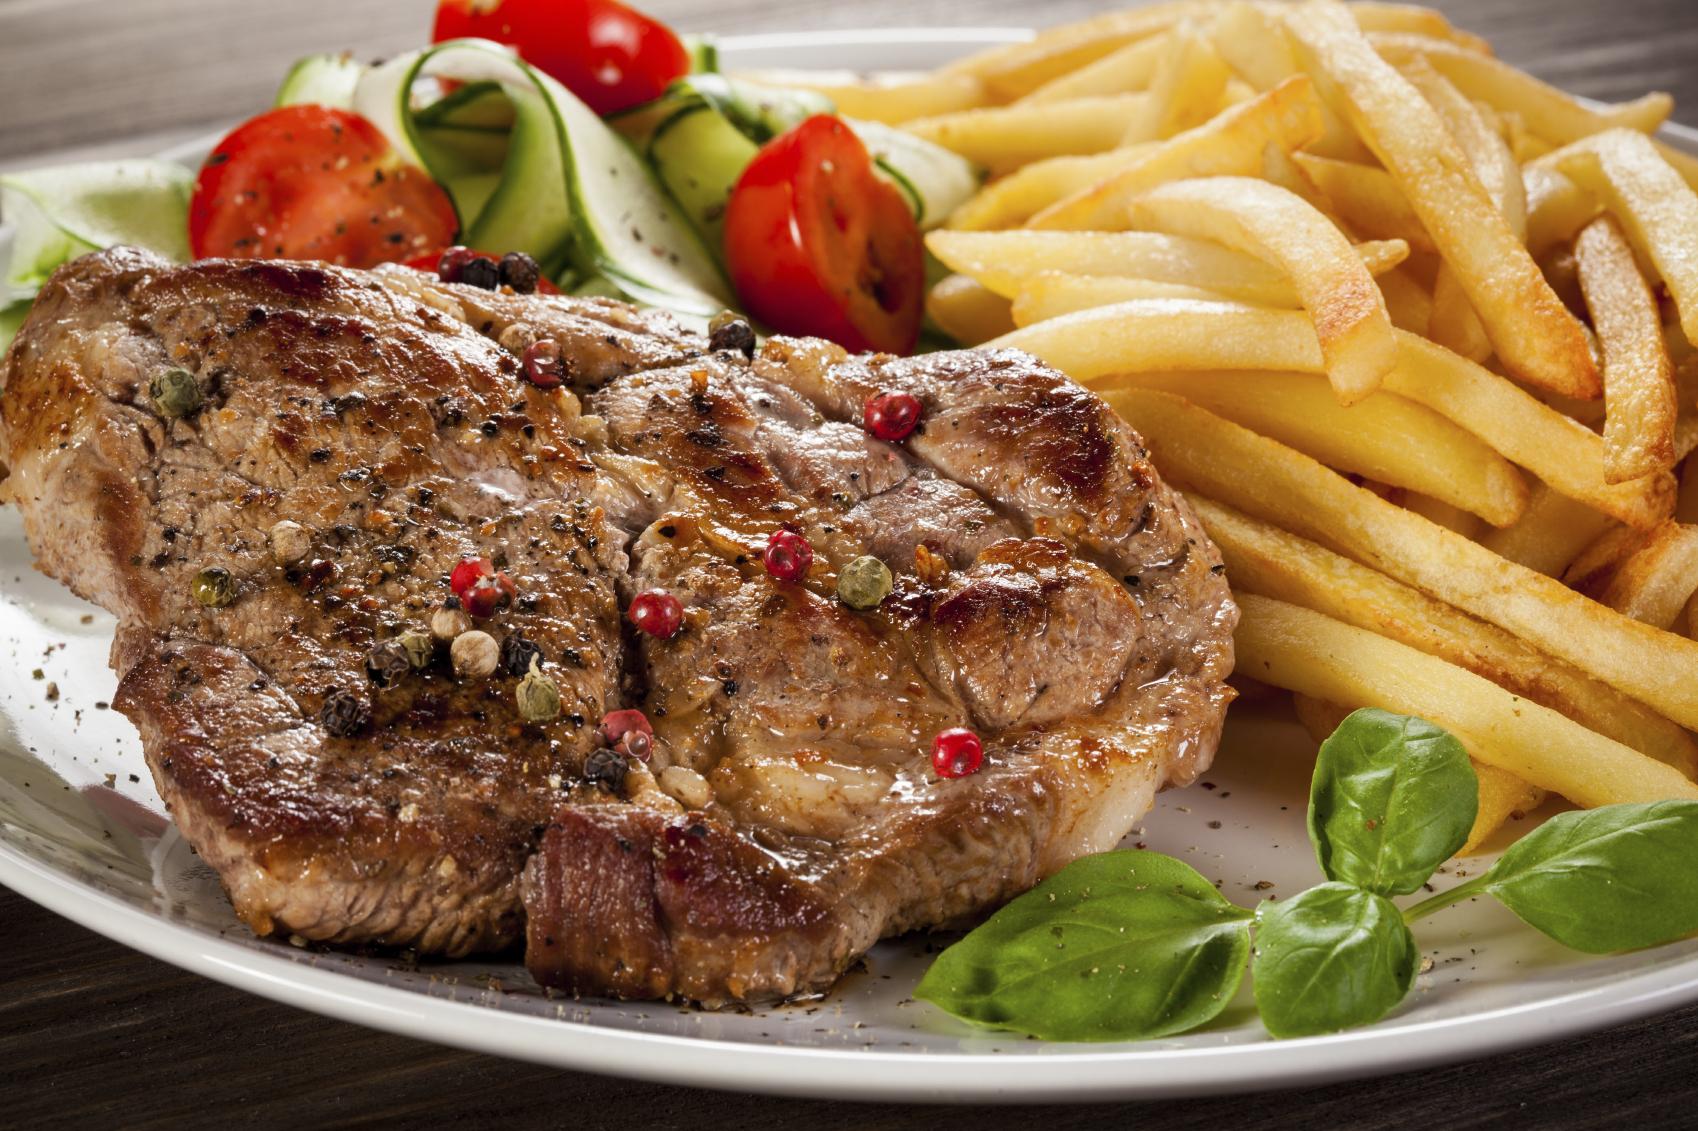 Bistec de lomo de cerdo con verduras y patatas fritas